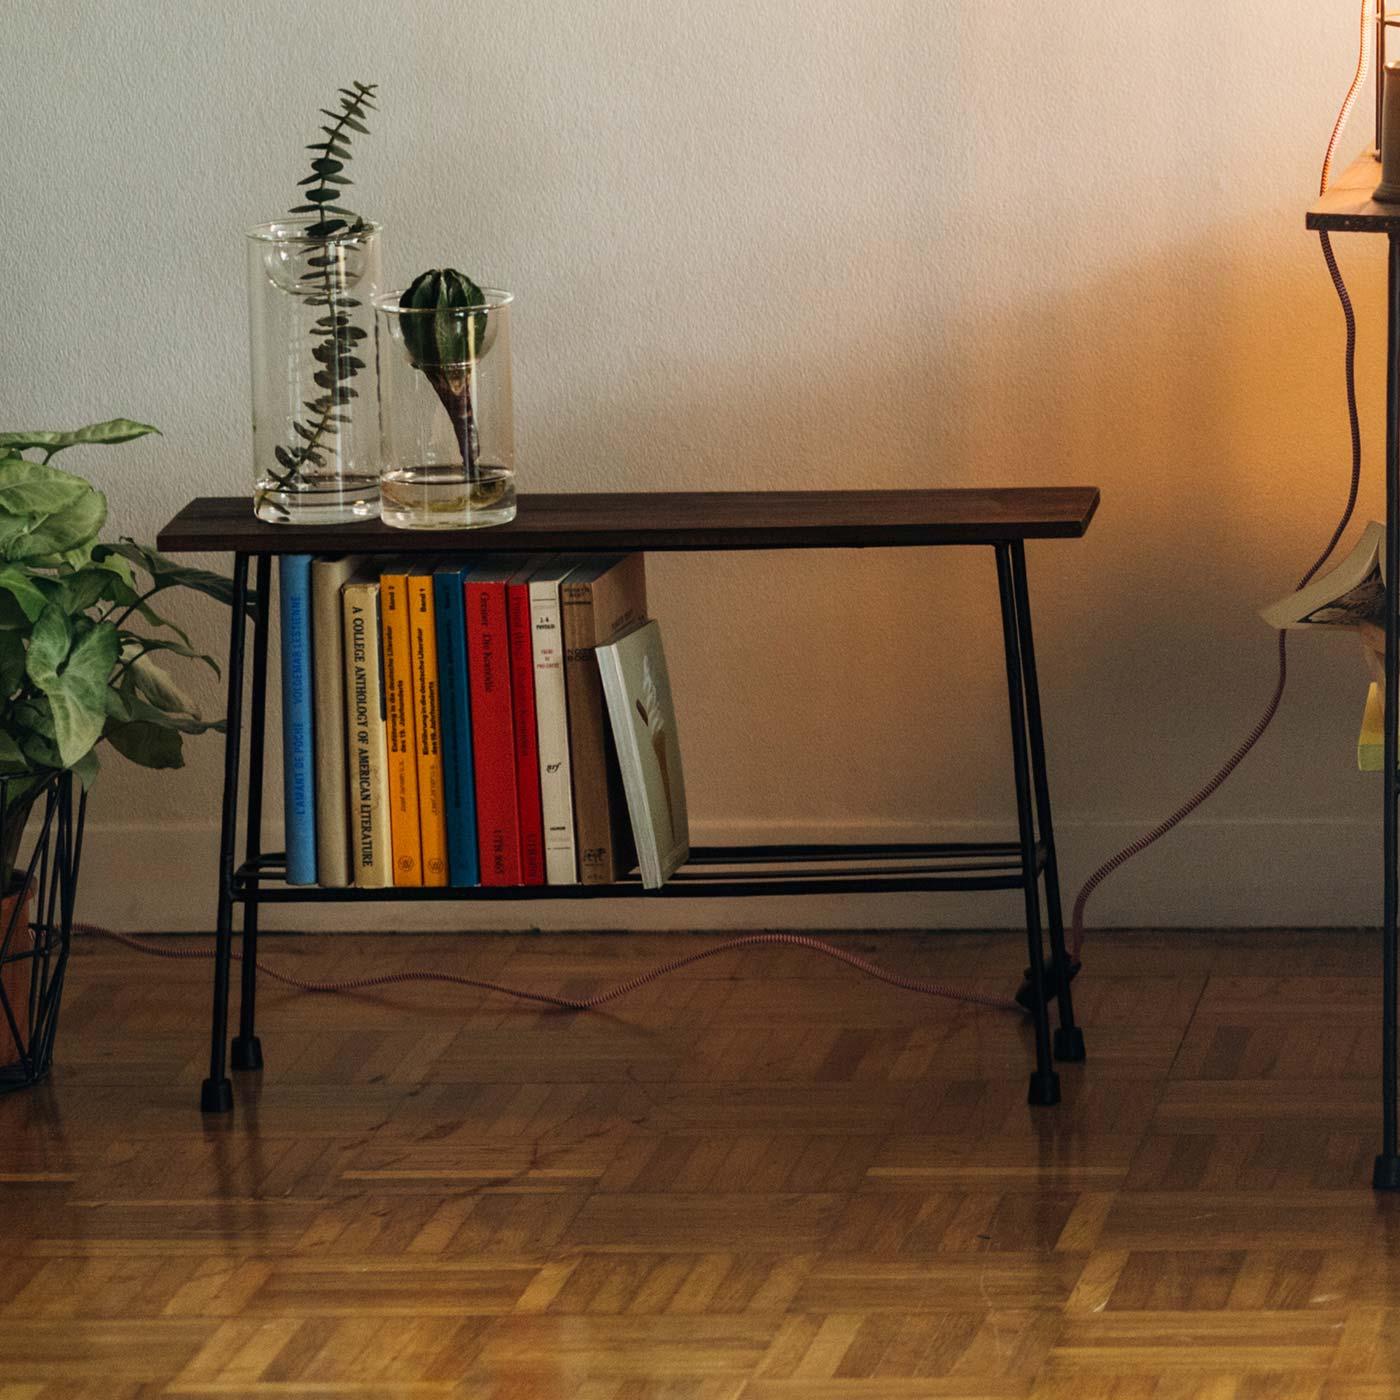 ※塩化ビニル樹脂など一部の樹脂製の床材に設置すると、滑り止めゴムから床材に色移りする場合があります。